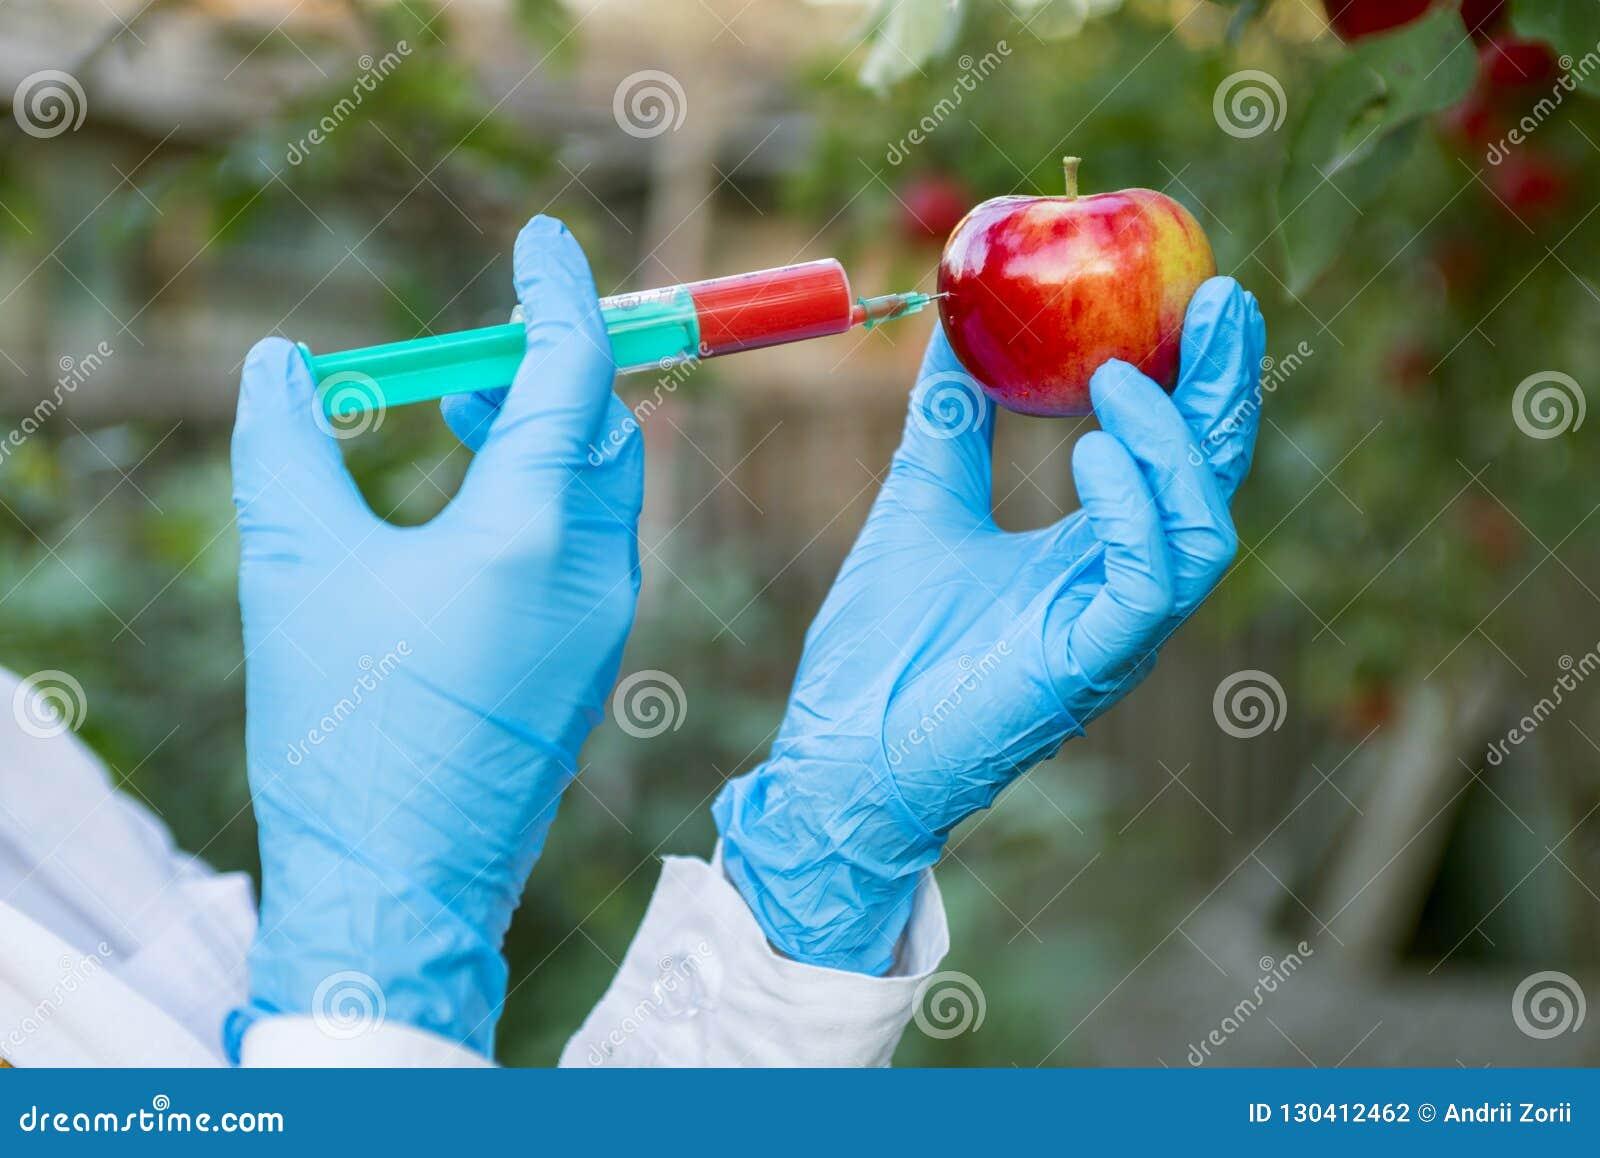 Wręcza mieniu jabłczaną owoc z strzykawką z chemicznymi użyźniaczami czerwony colour w jabłku GMO i pestycyd modyfikacja naukowie